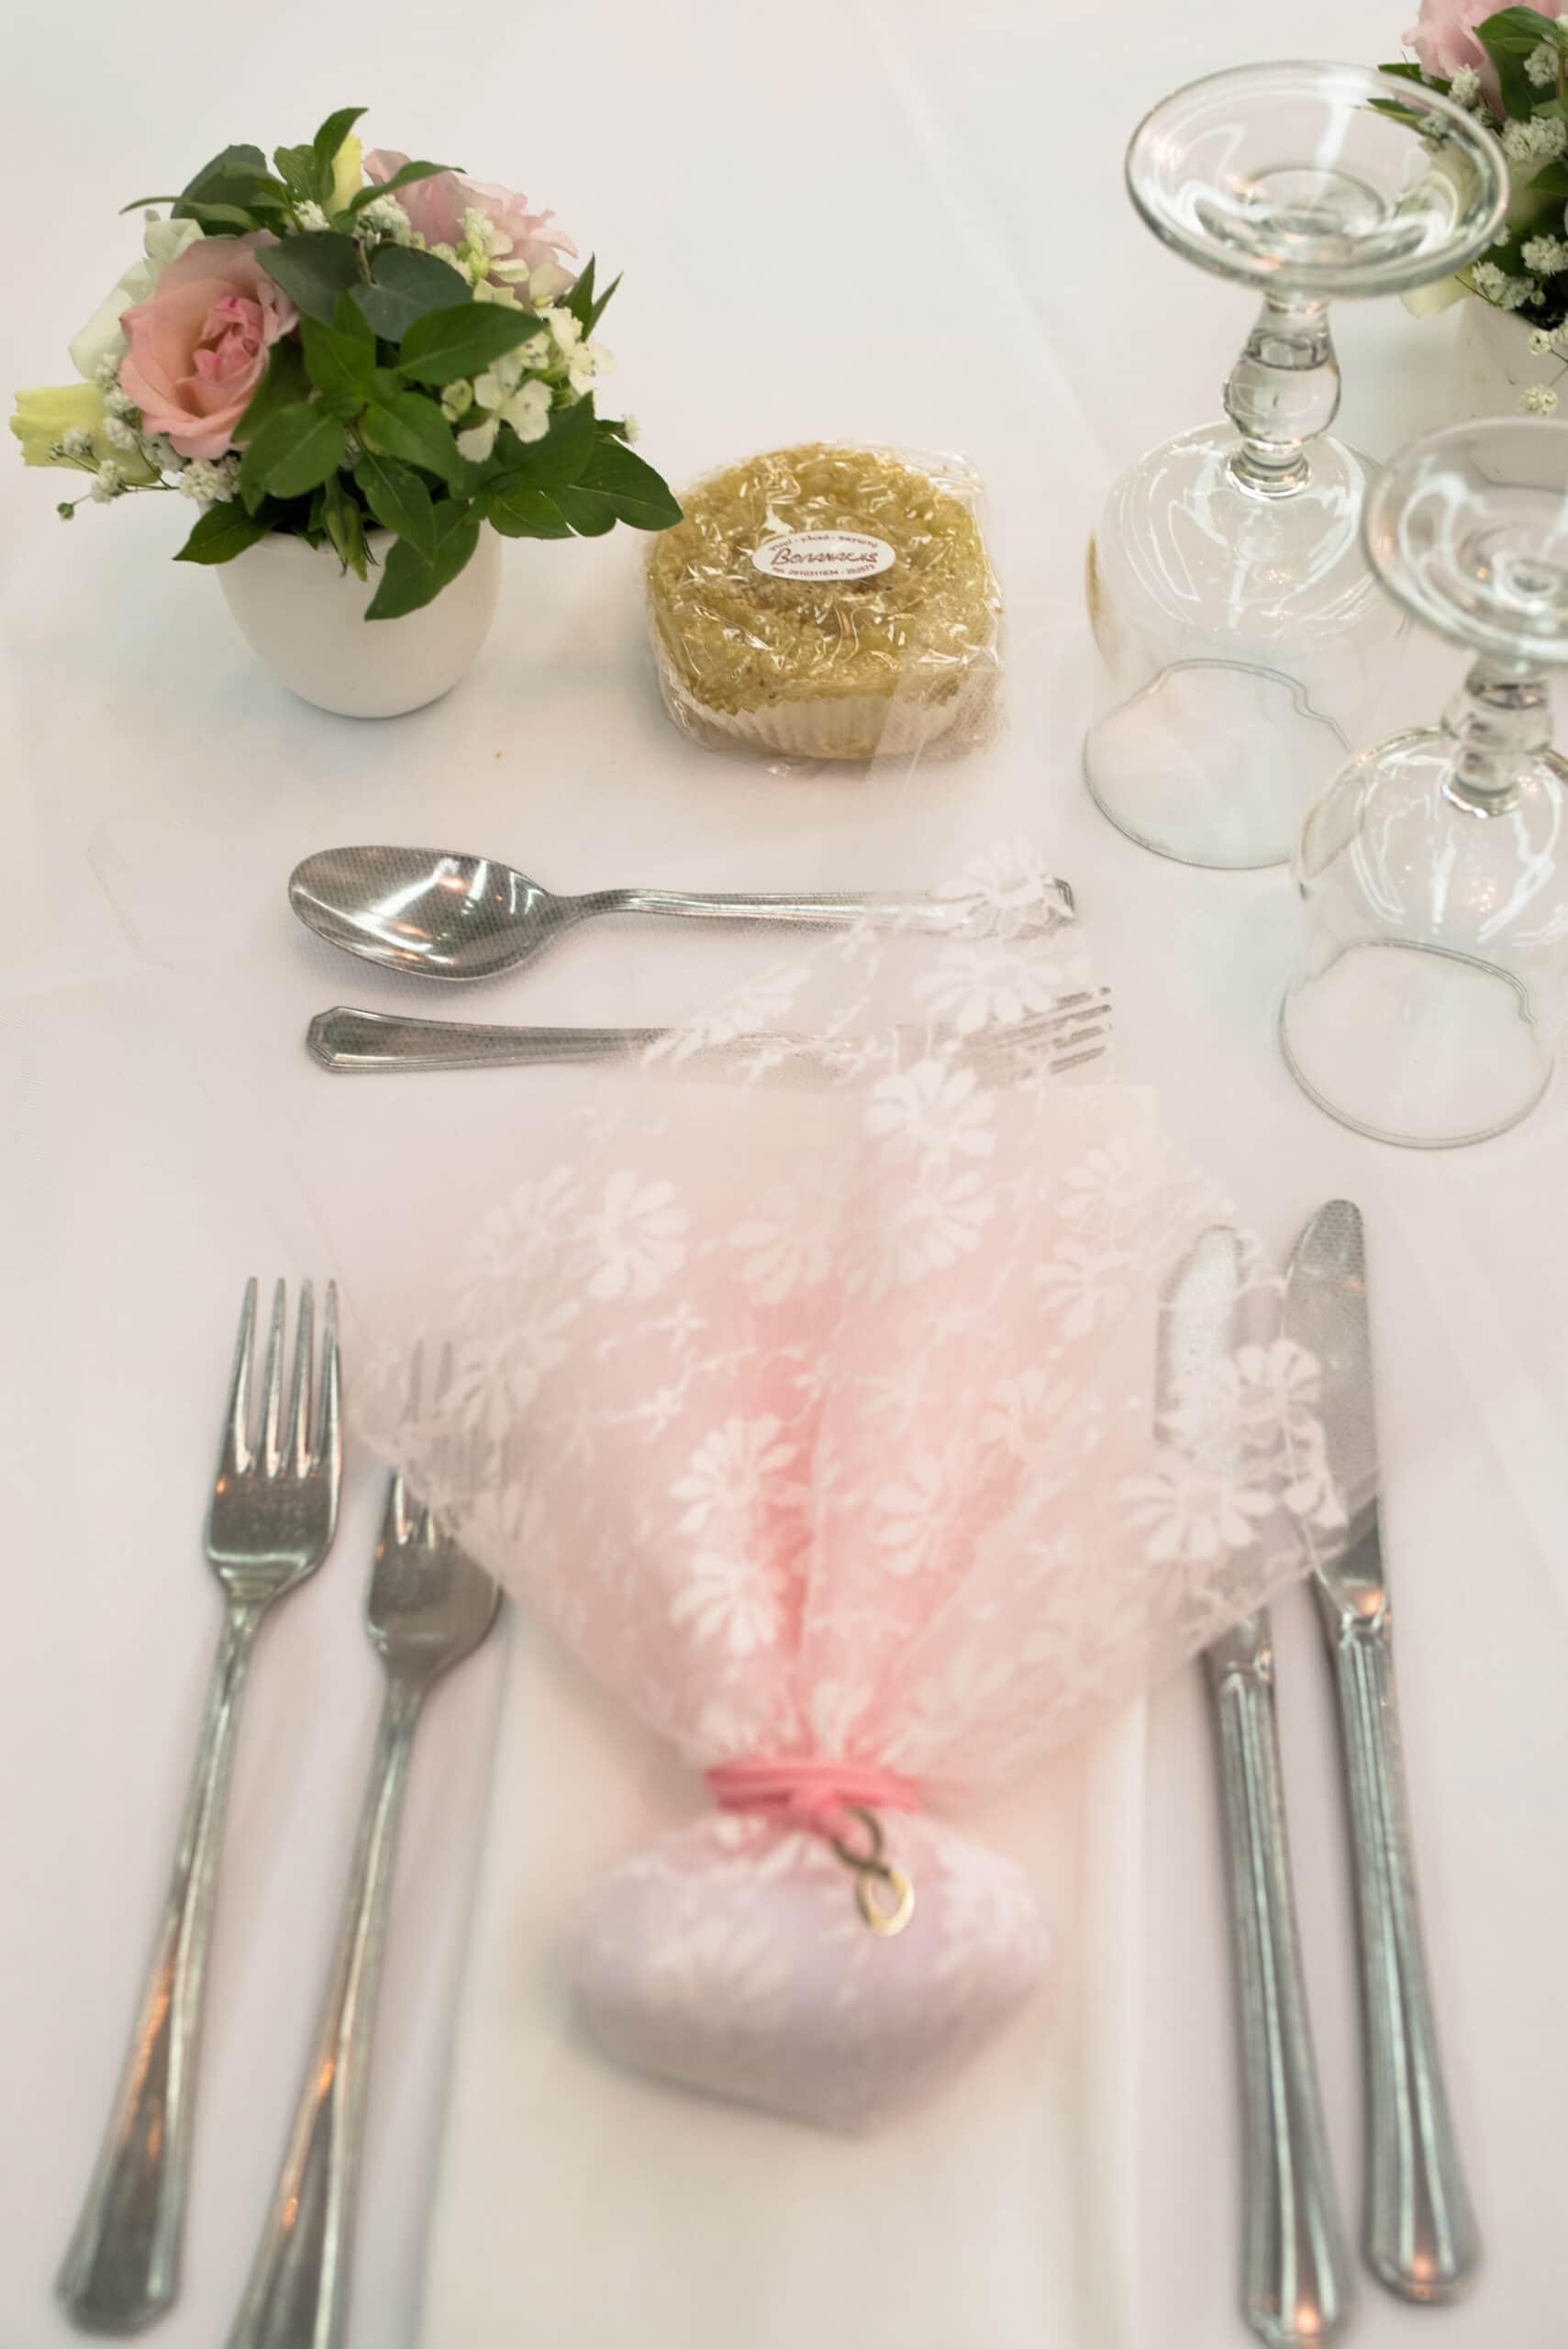 Πάτρα: Ροζ νυφικό για μια λαμπερή εμφάνιση γάμου με άρωμα... Κρήτης!